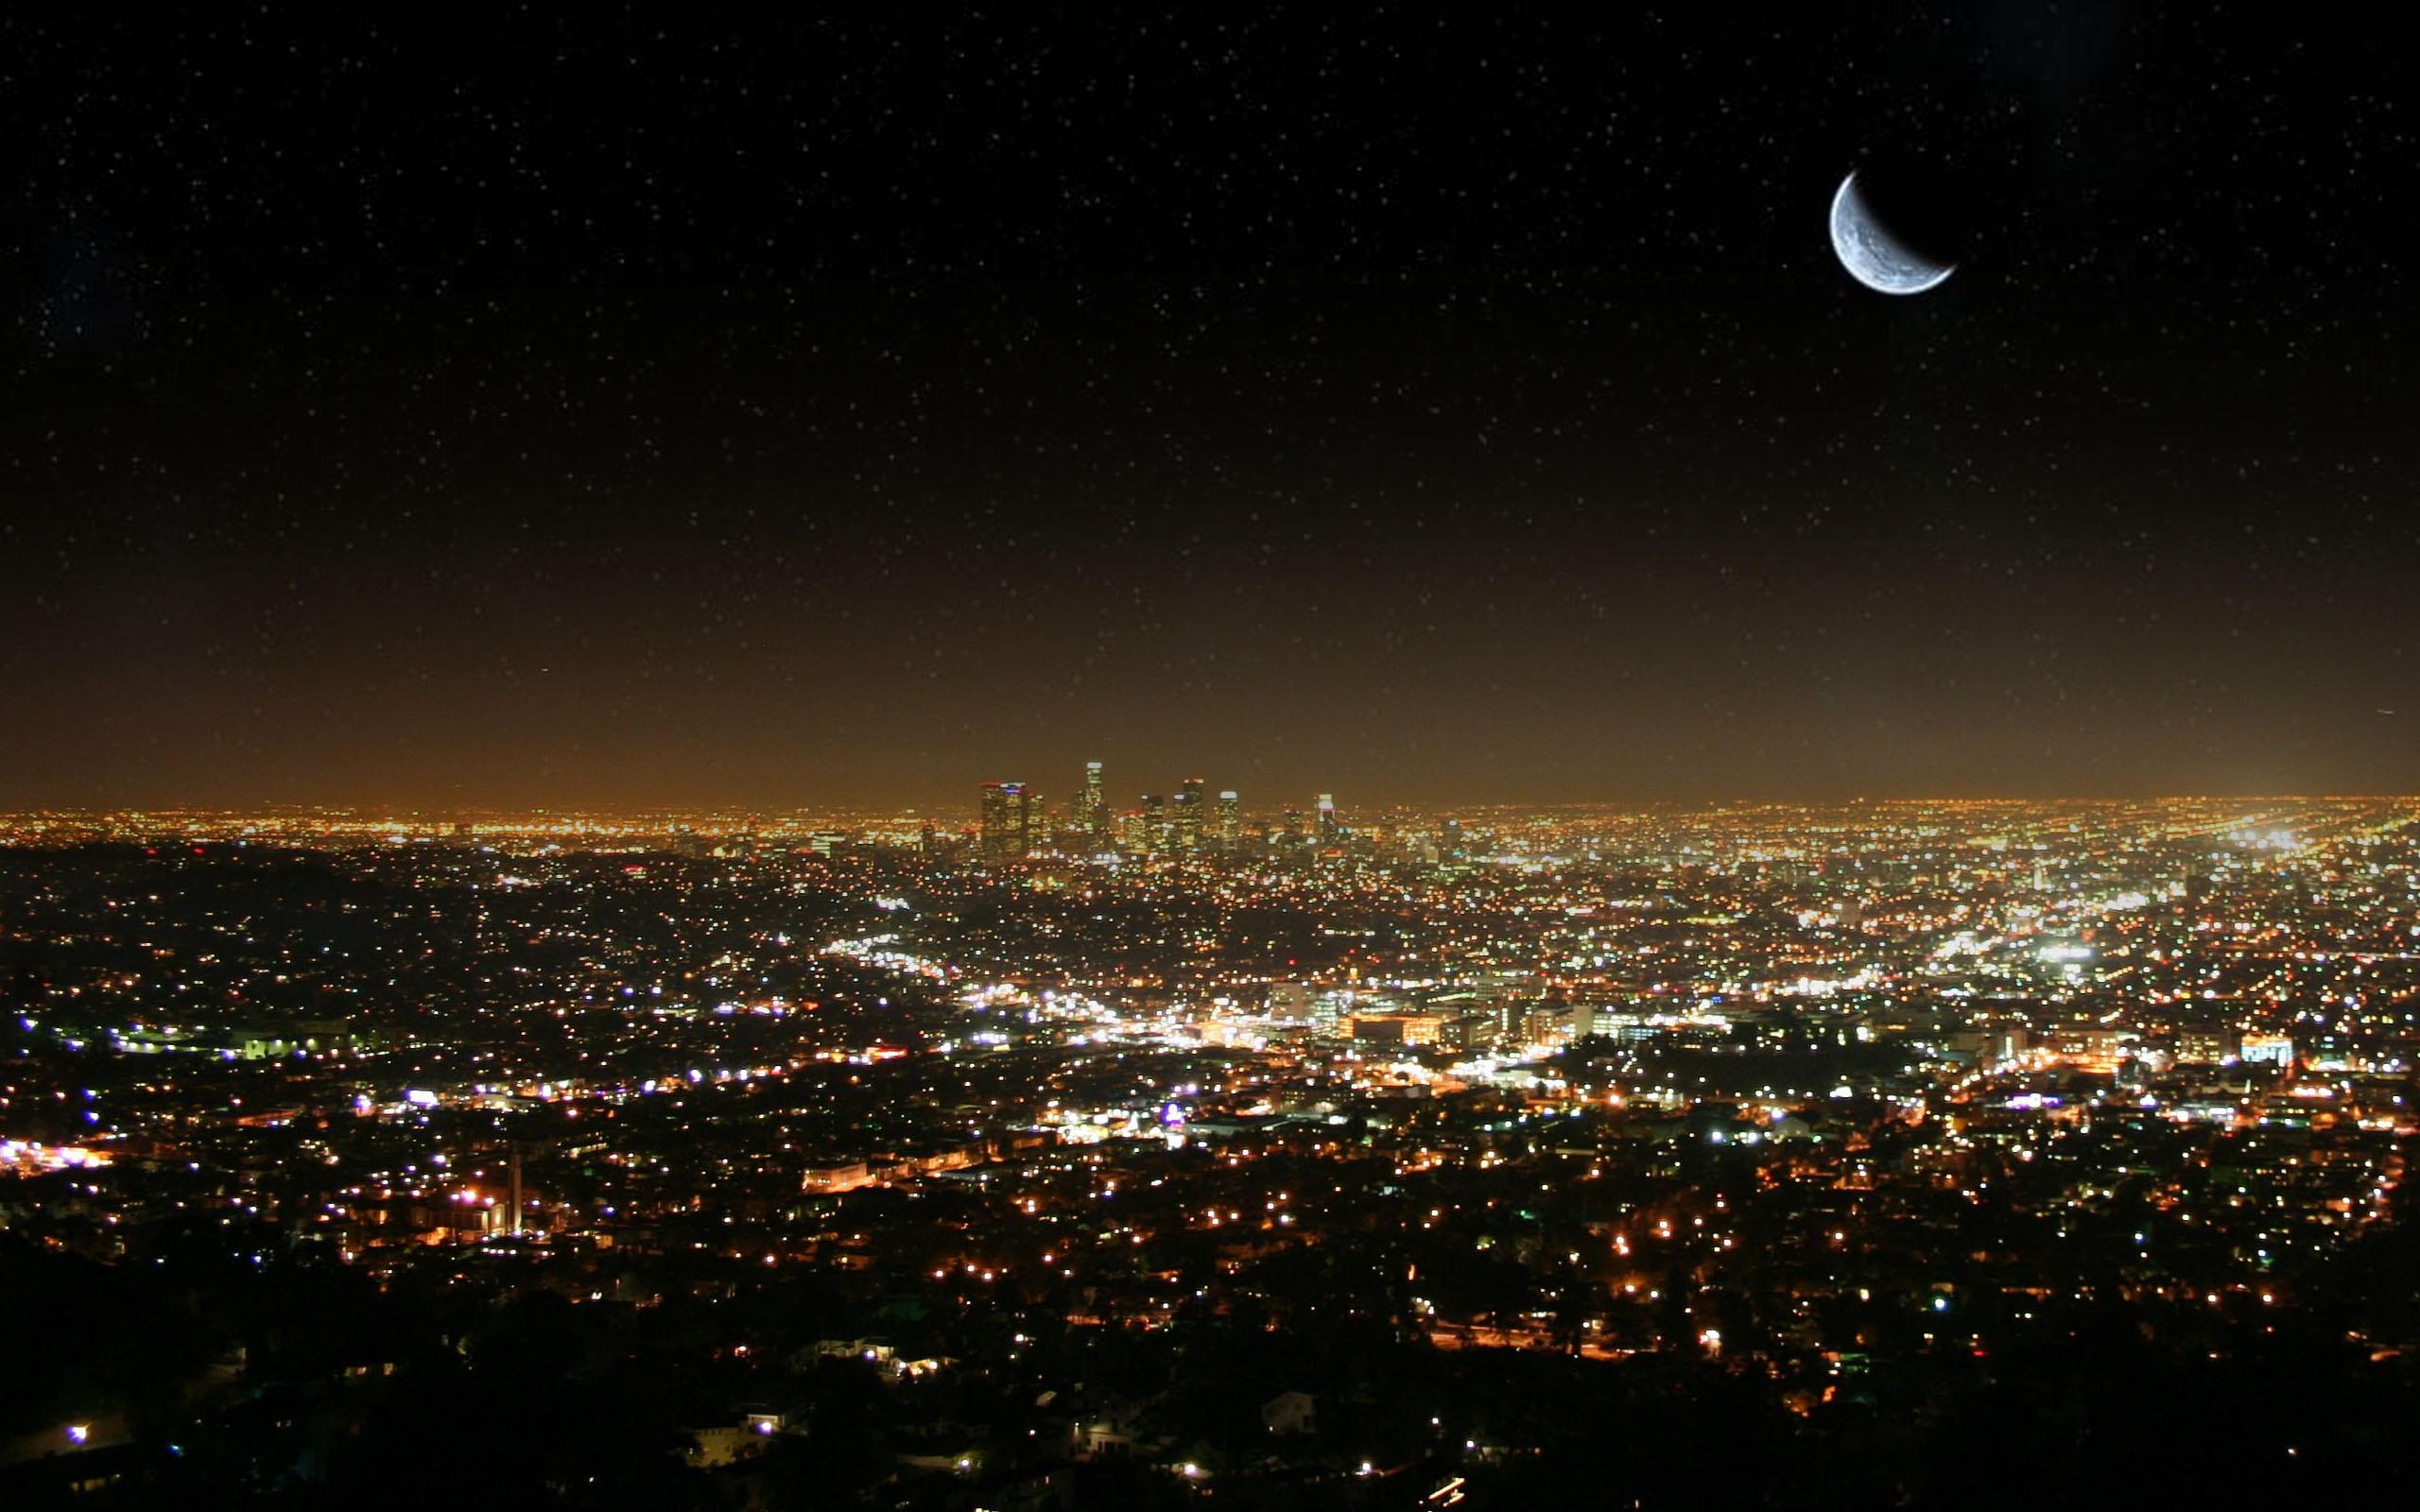 луна над городом  № 1456843 без смс